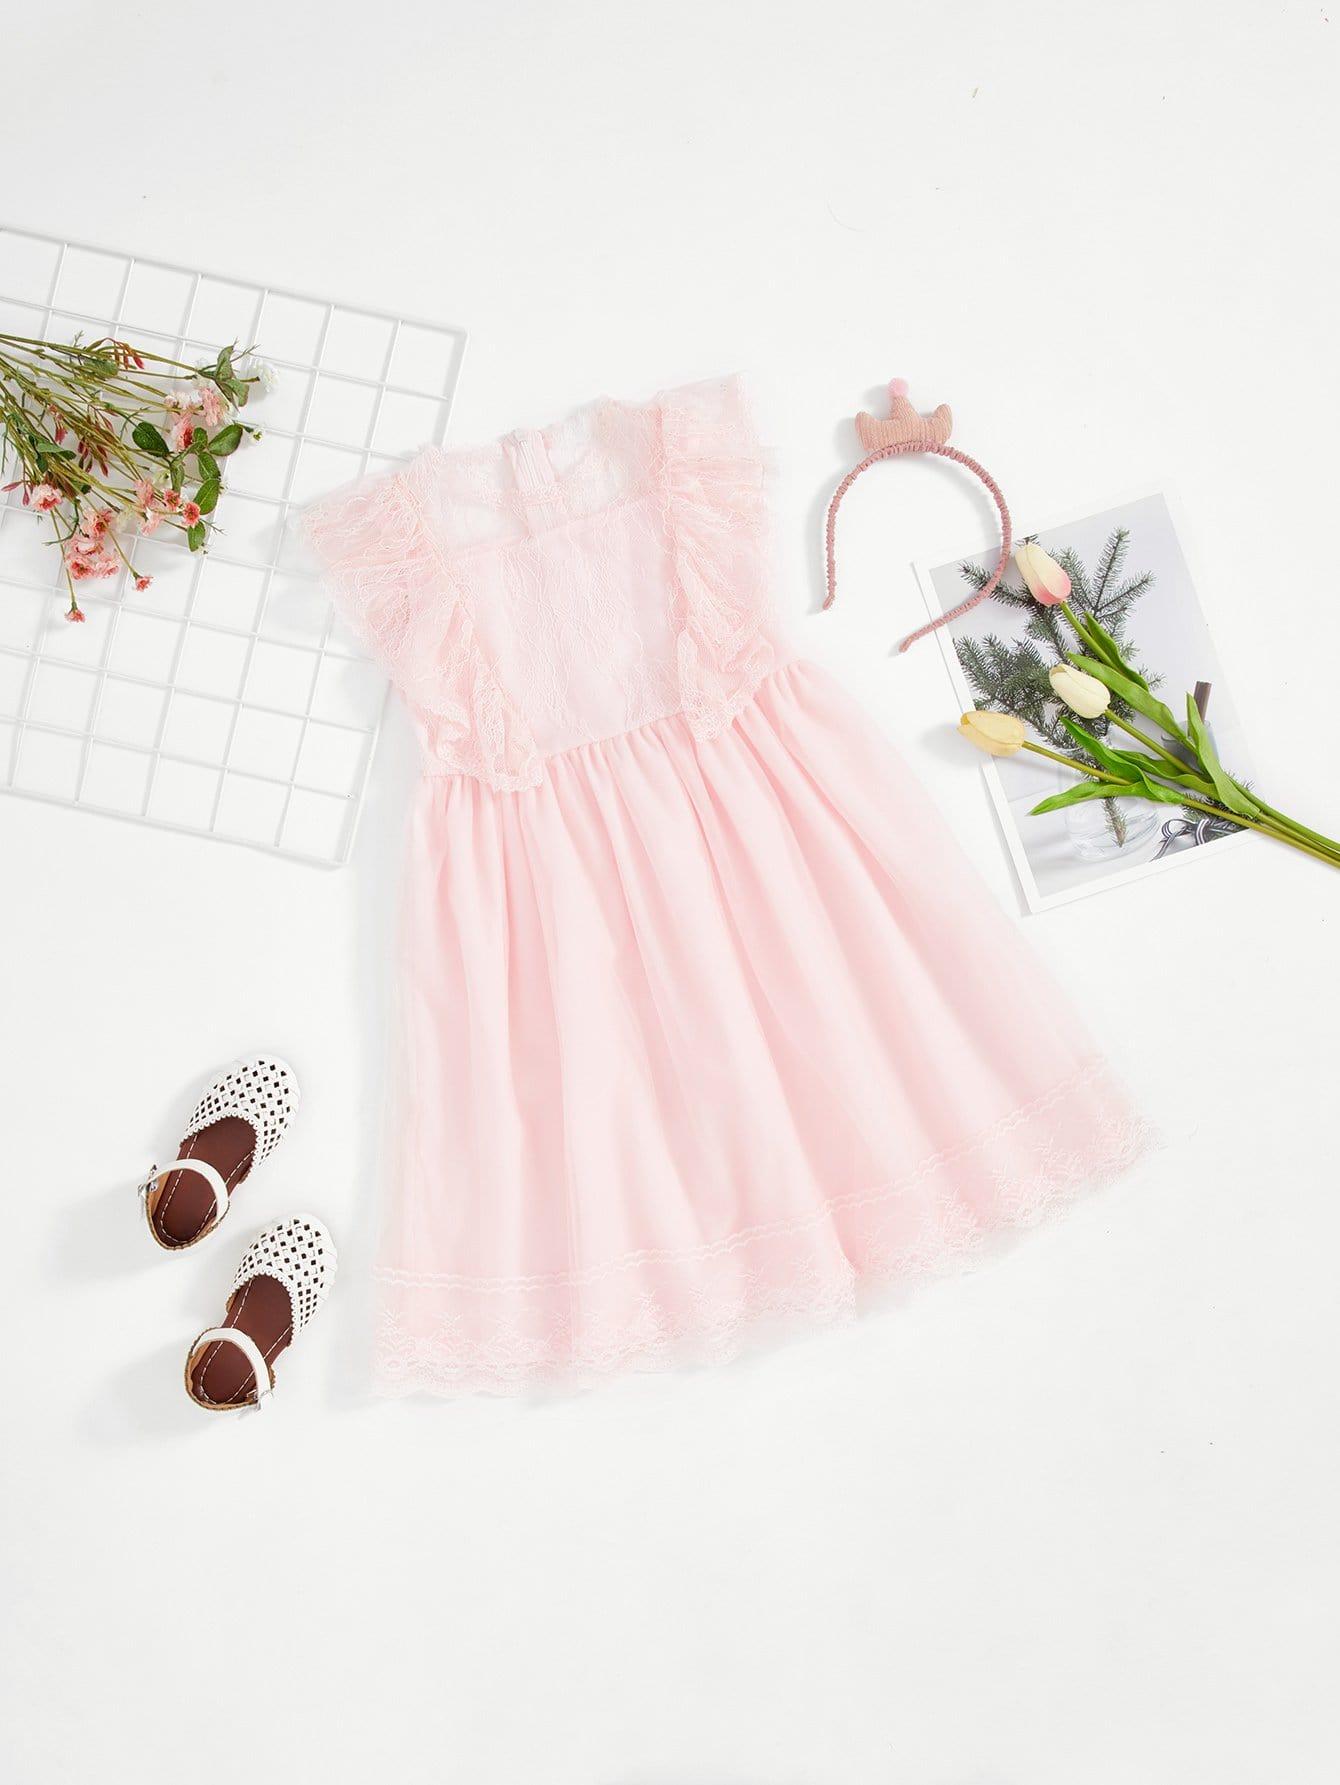 Платье для аксессуаров, null, SheIn  - купить со скидкой